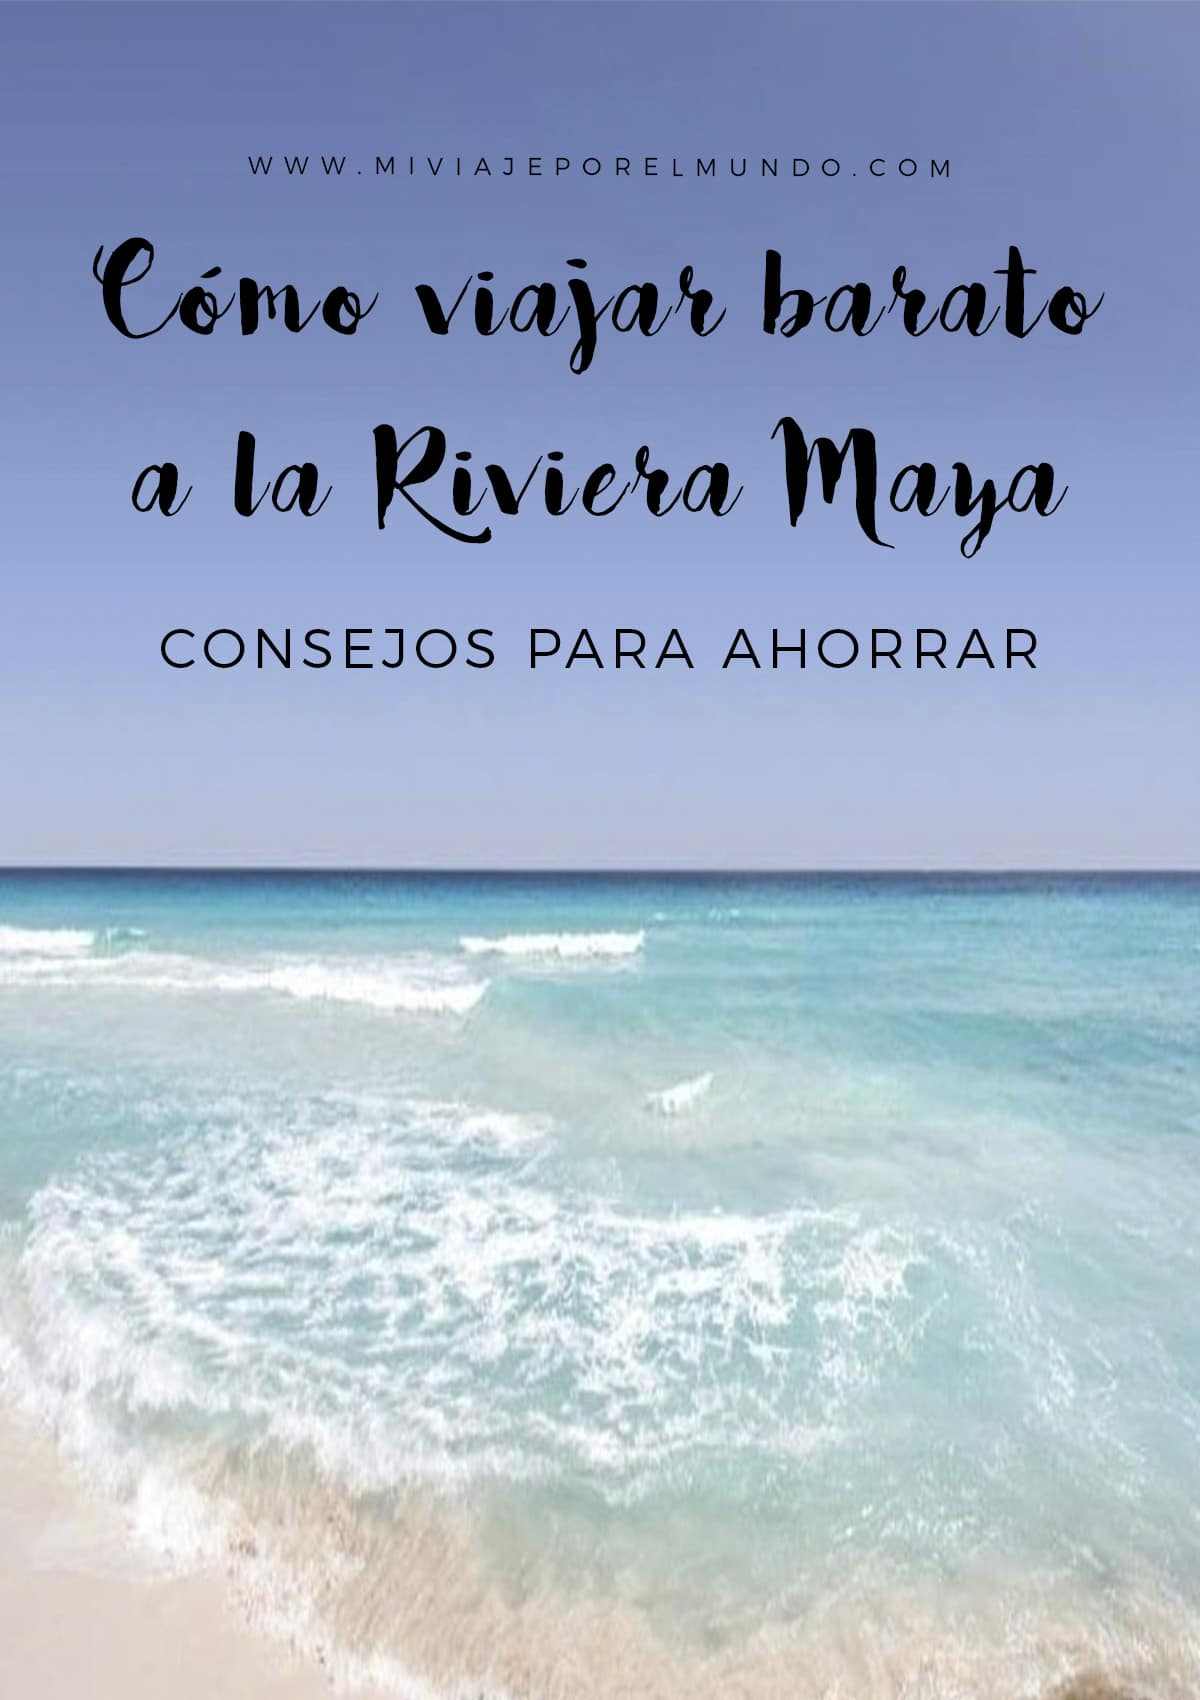 consejos-para-viajar-a-la-riviera-maya-barato